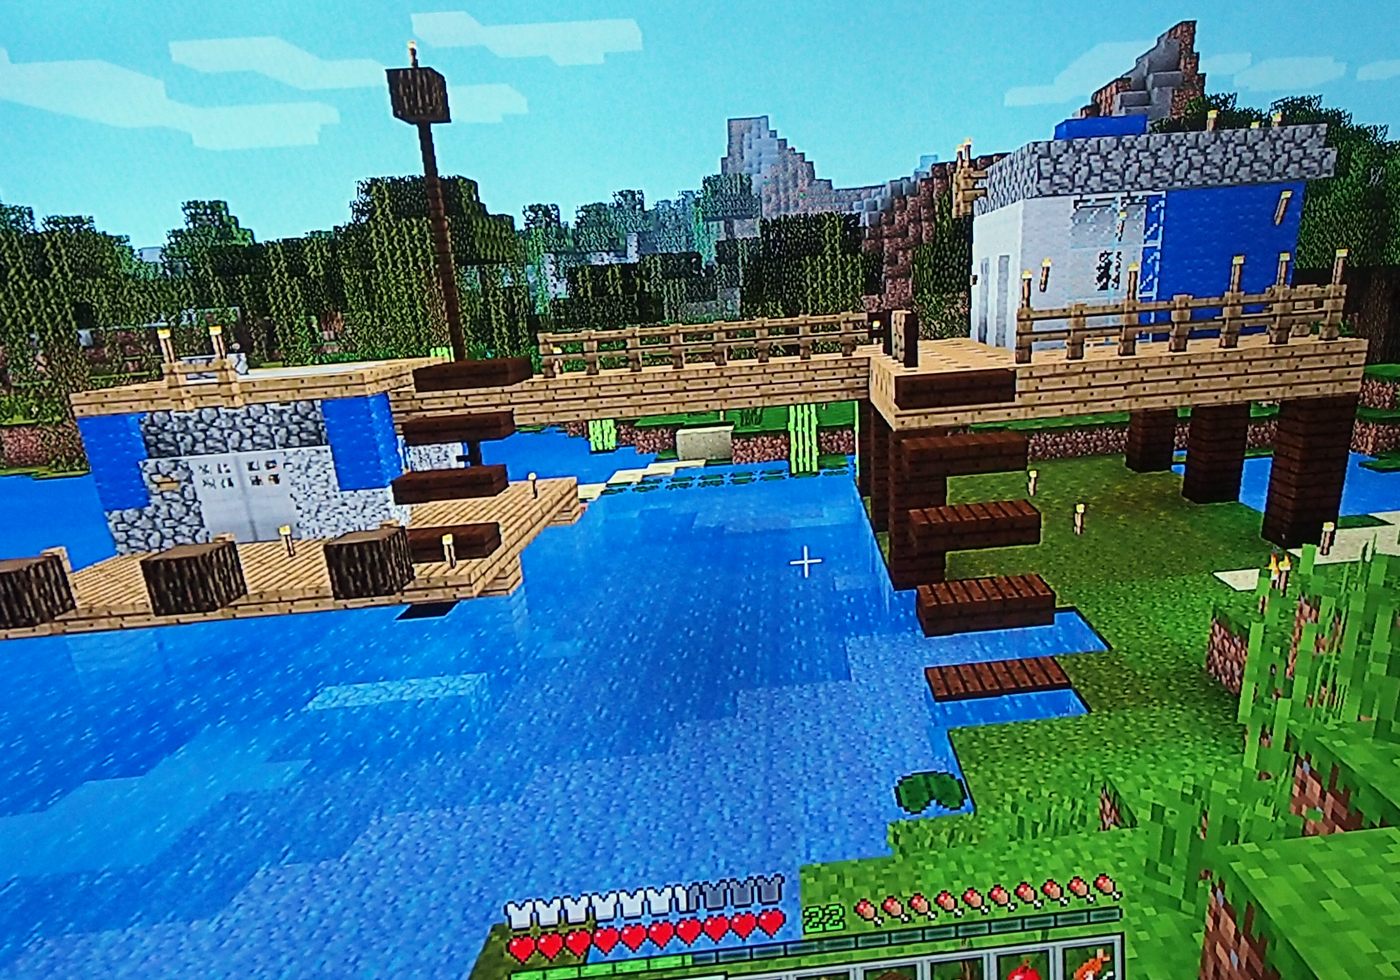 マイクラで再現、沼地のポリスステーション